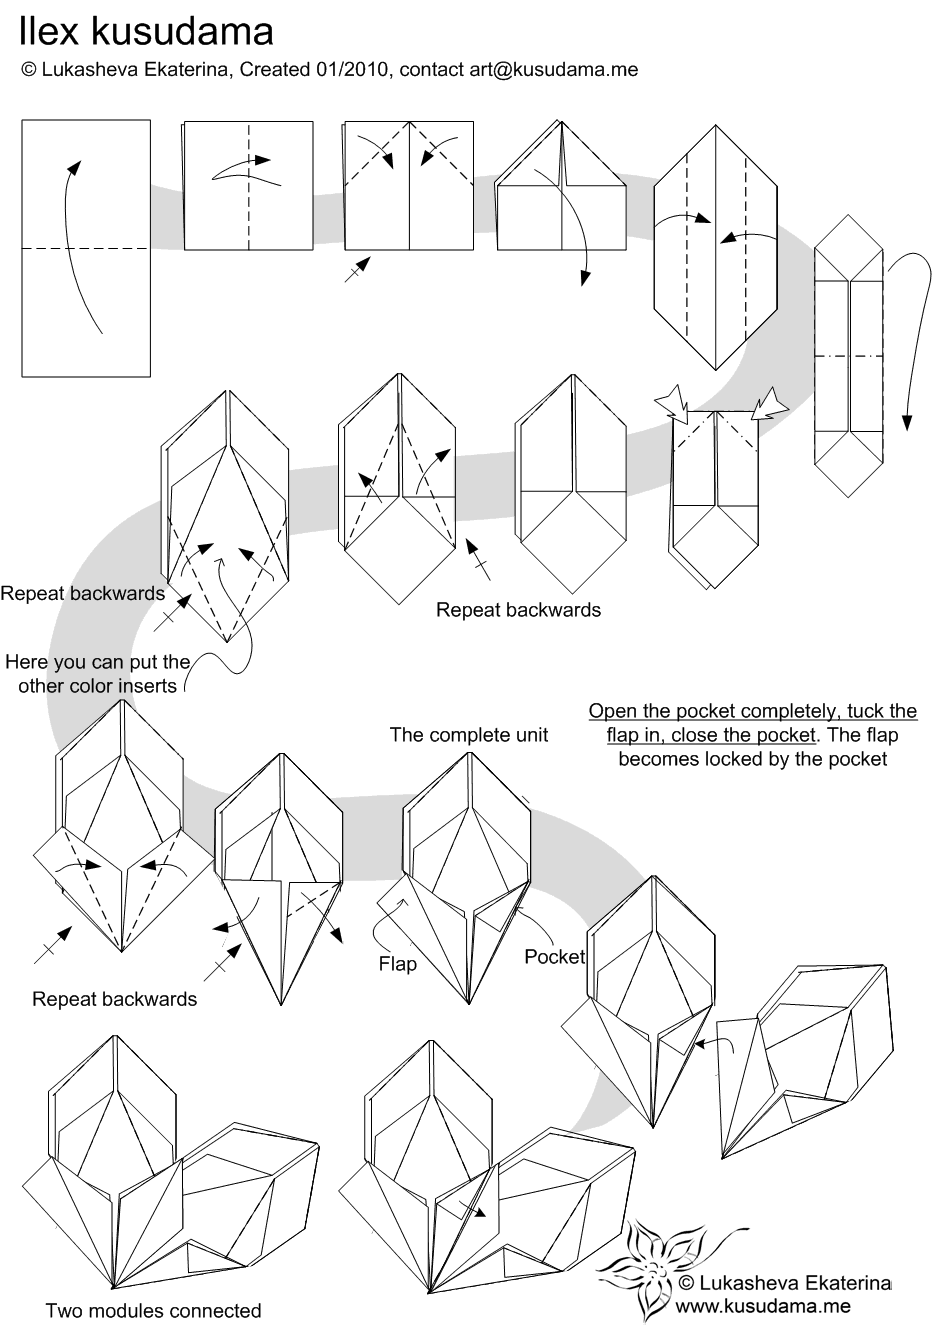 art s origami  kusudama ilex